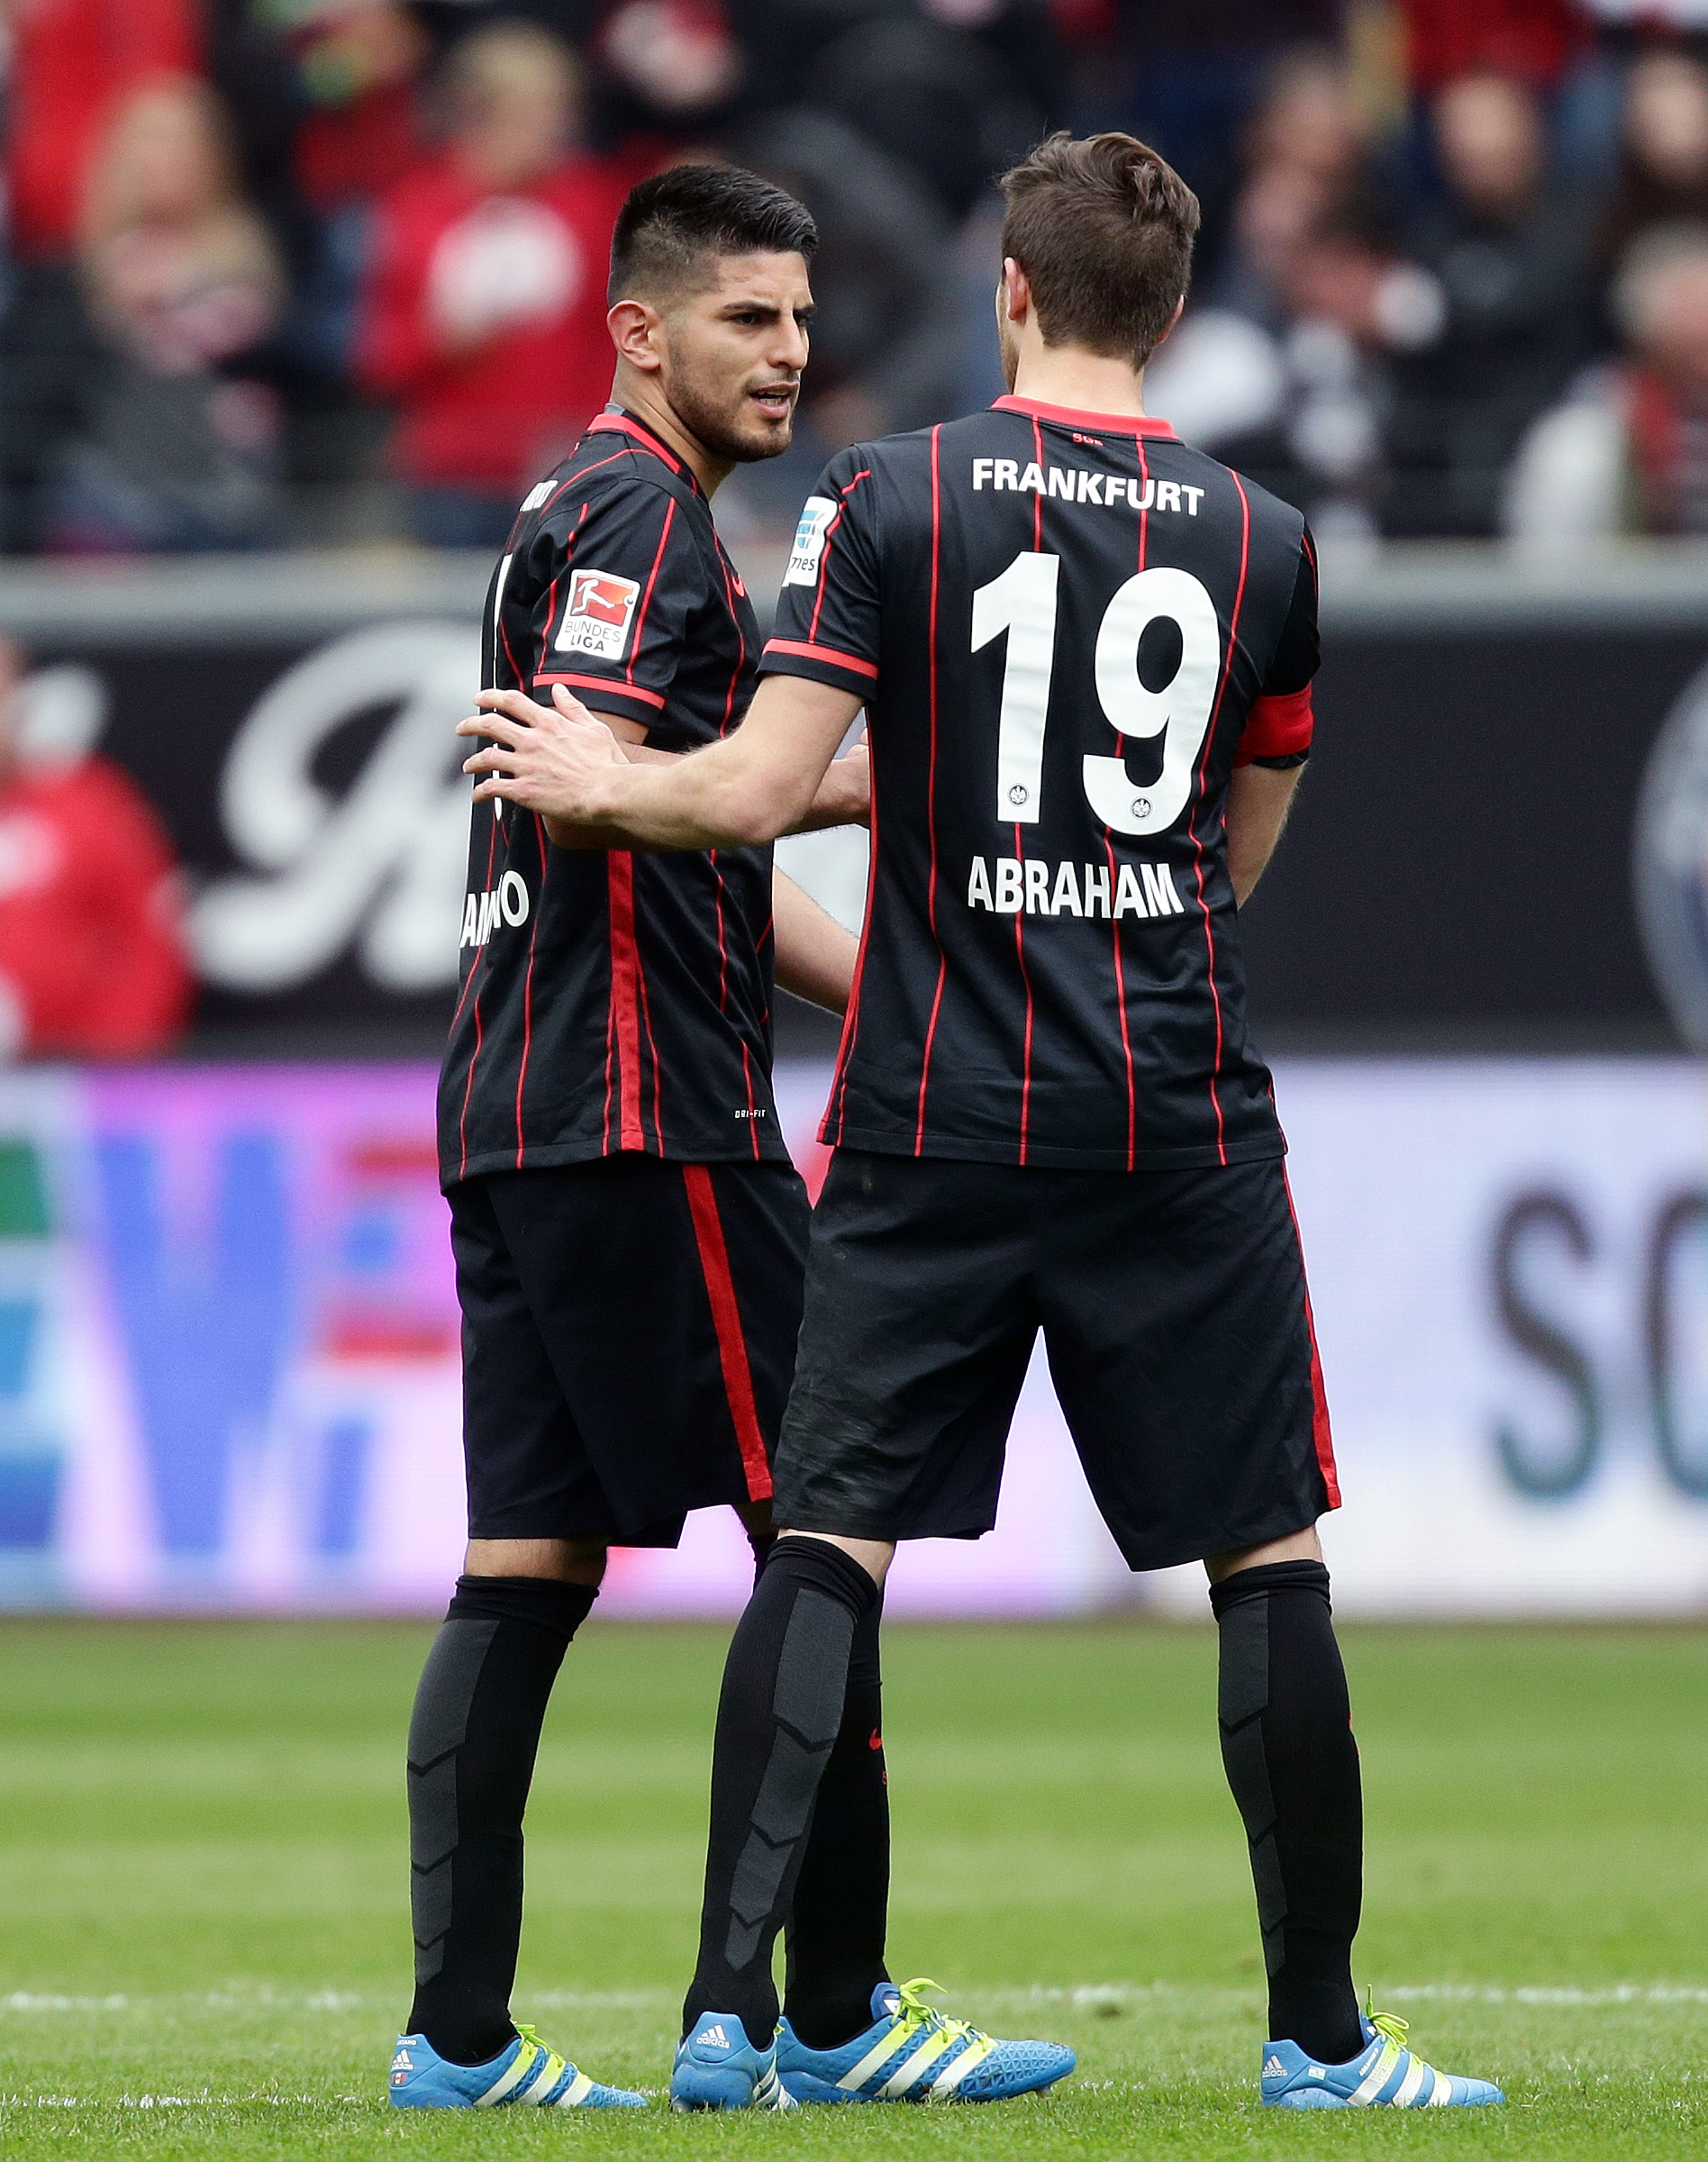 Kapitän Zambrano – Mit der Binde kommt die Leistung   SGE4EVER.de - Das  Onlinemagazin über Eintracht Frankfurt